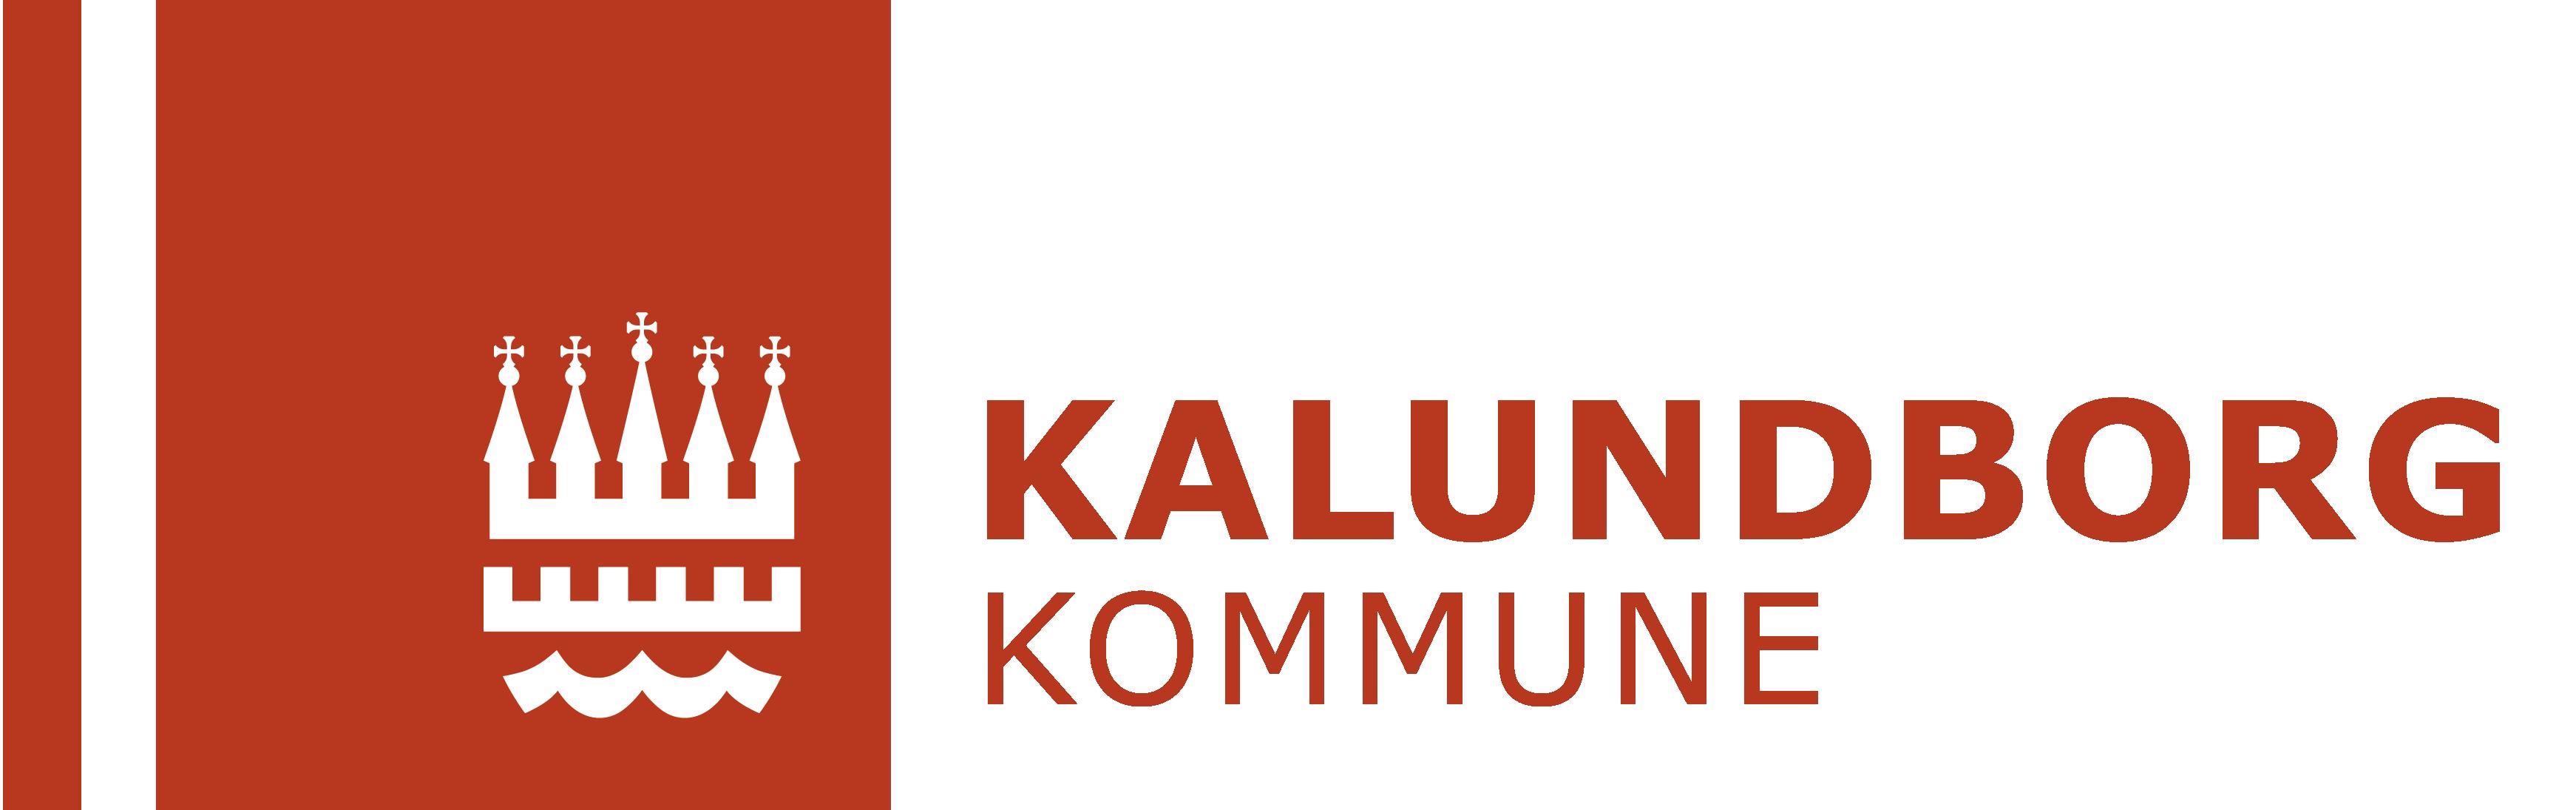 Direktør med ansvar for Børne, Skole og Familieområdet i Kalundborg Kommune